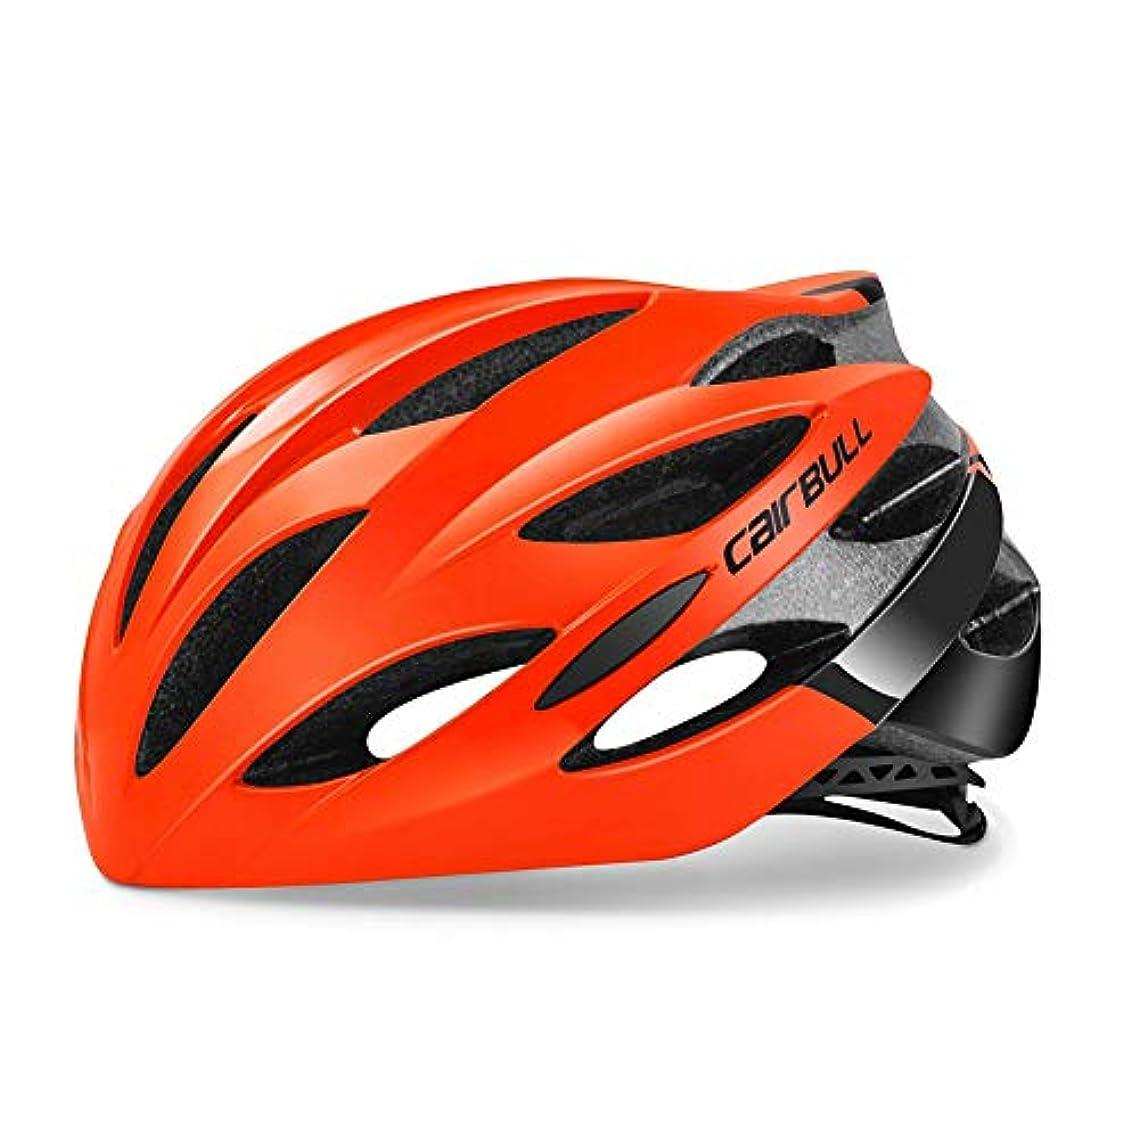 柔らかいアレルギーゴルフACHICOO ヘルメット自転車 サイクリング スポーツ ヘルメット 軽量 通気性 安全 快適 自転車用 オレンジ L(58-62CM)